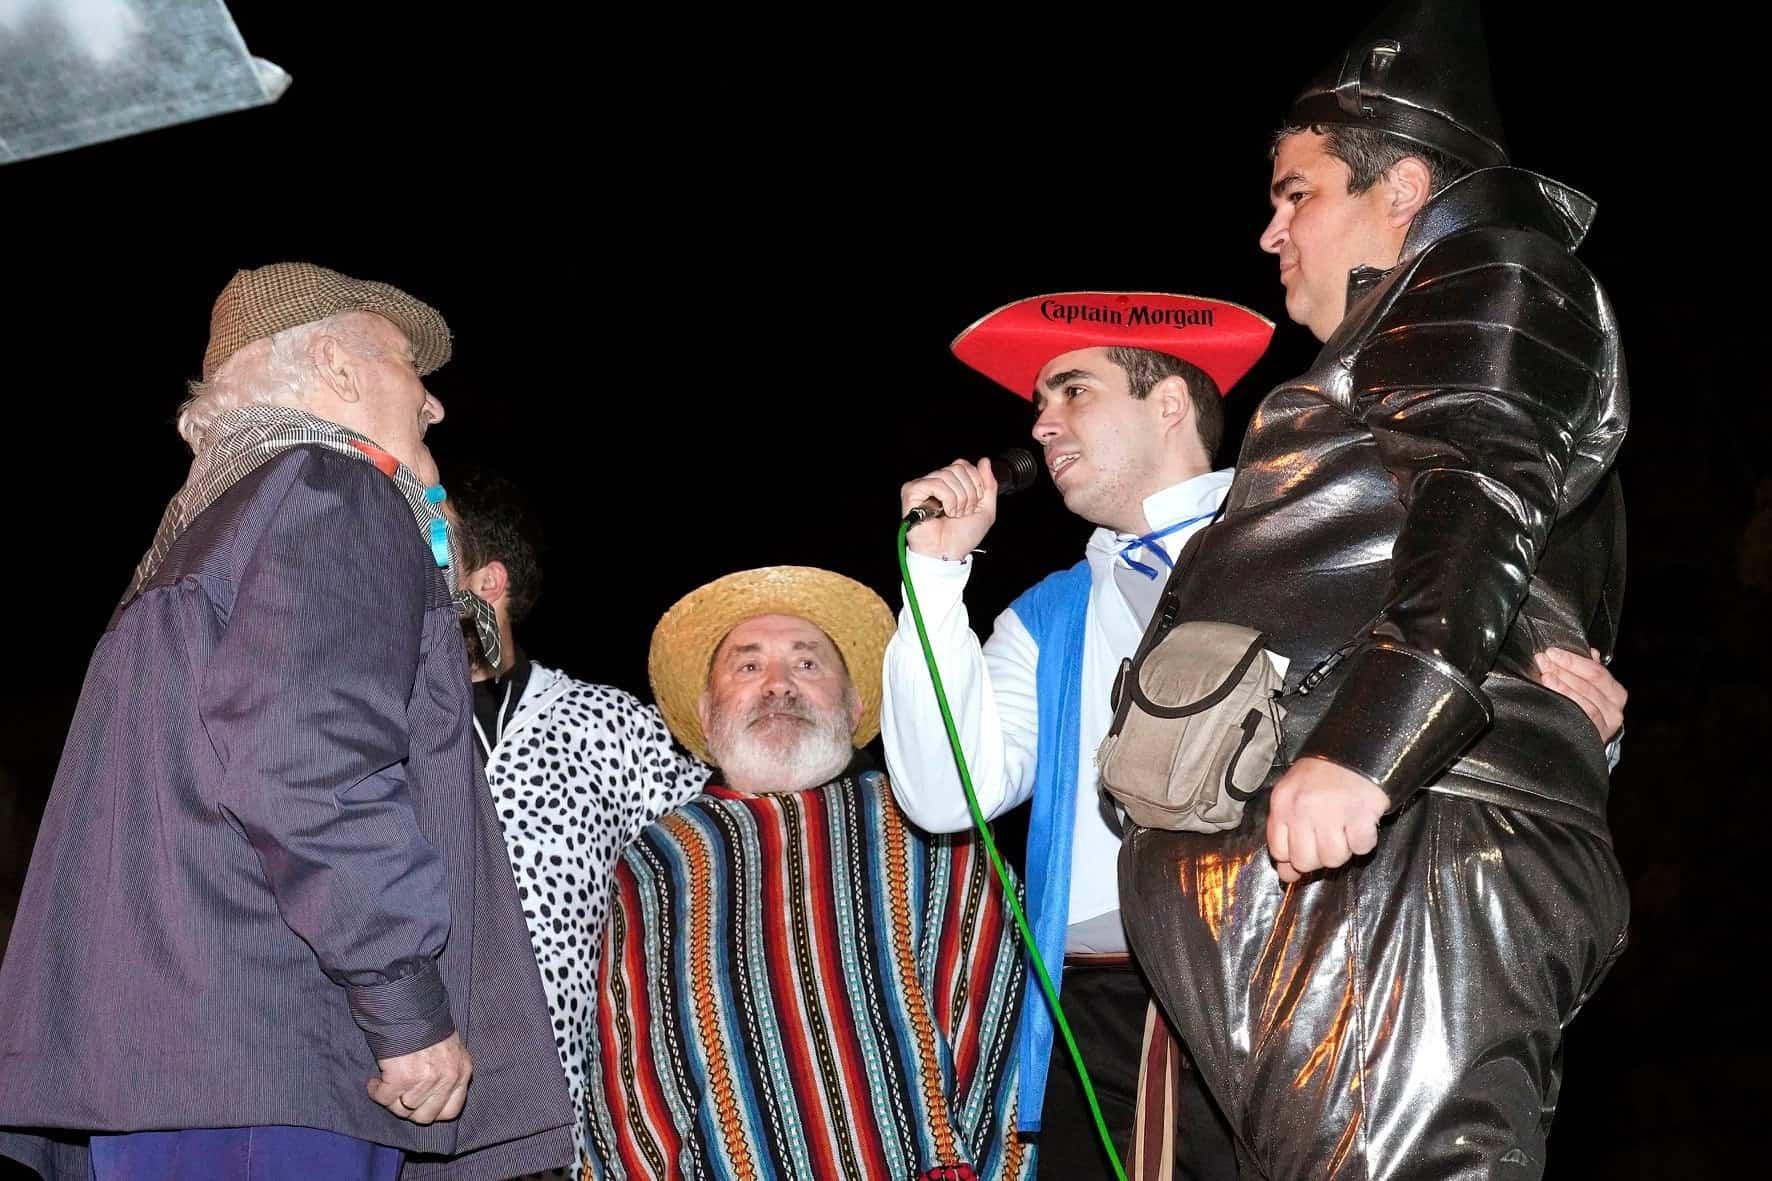 carnaval herencia 2020 viernes prisillas 6 - Viernes de Prisillas 2020 del Carnaval en imágenes